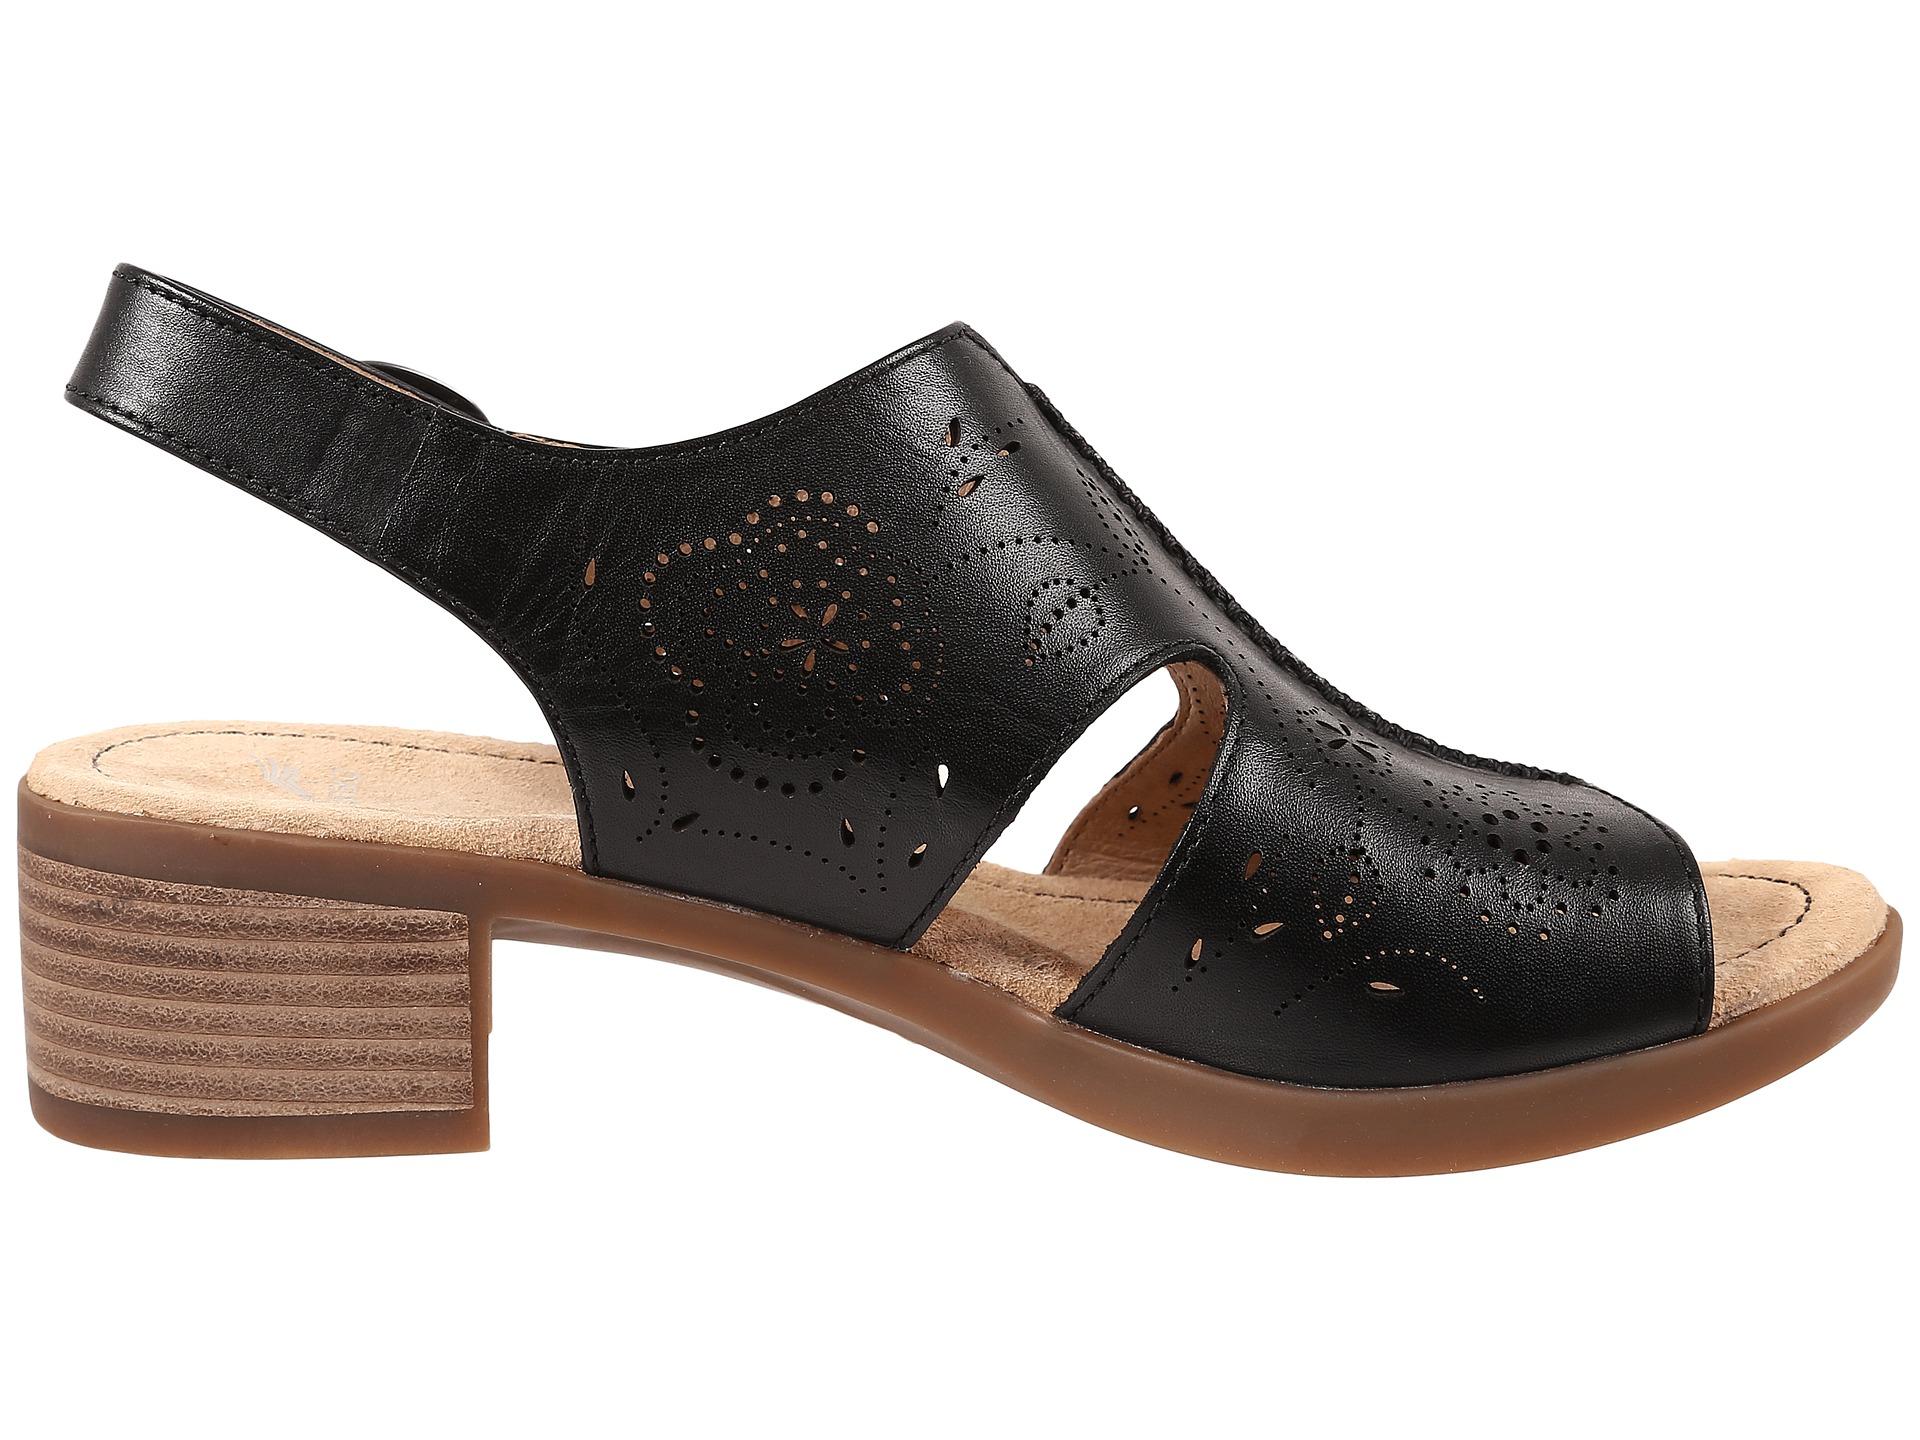 Dansko Lisa Slingback Sandal In Black Lyst